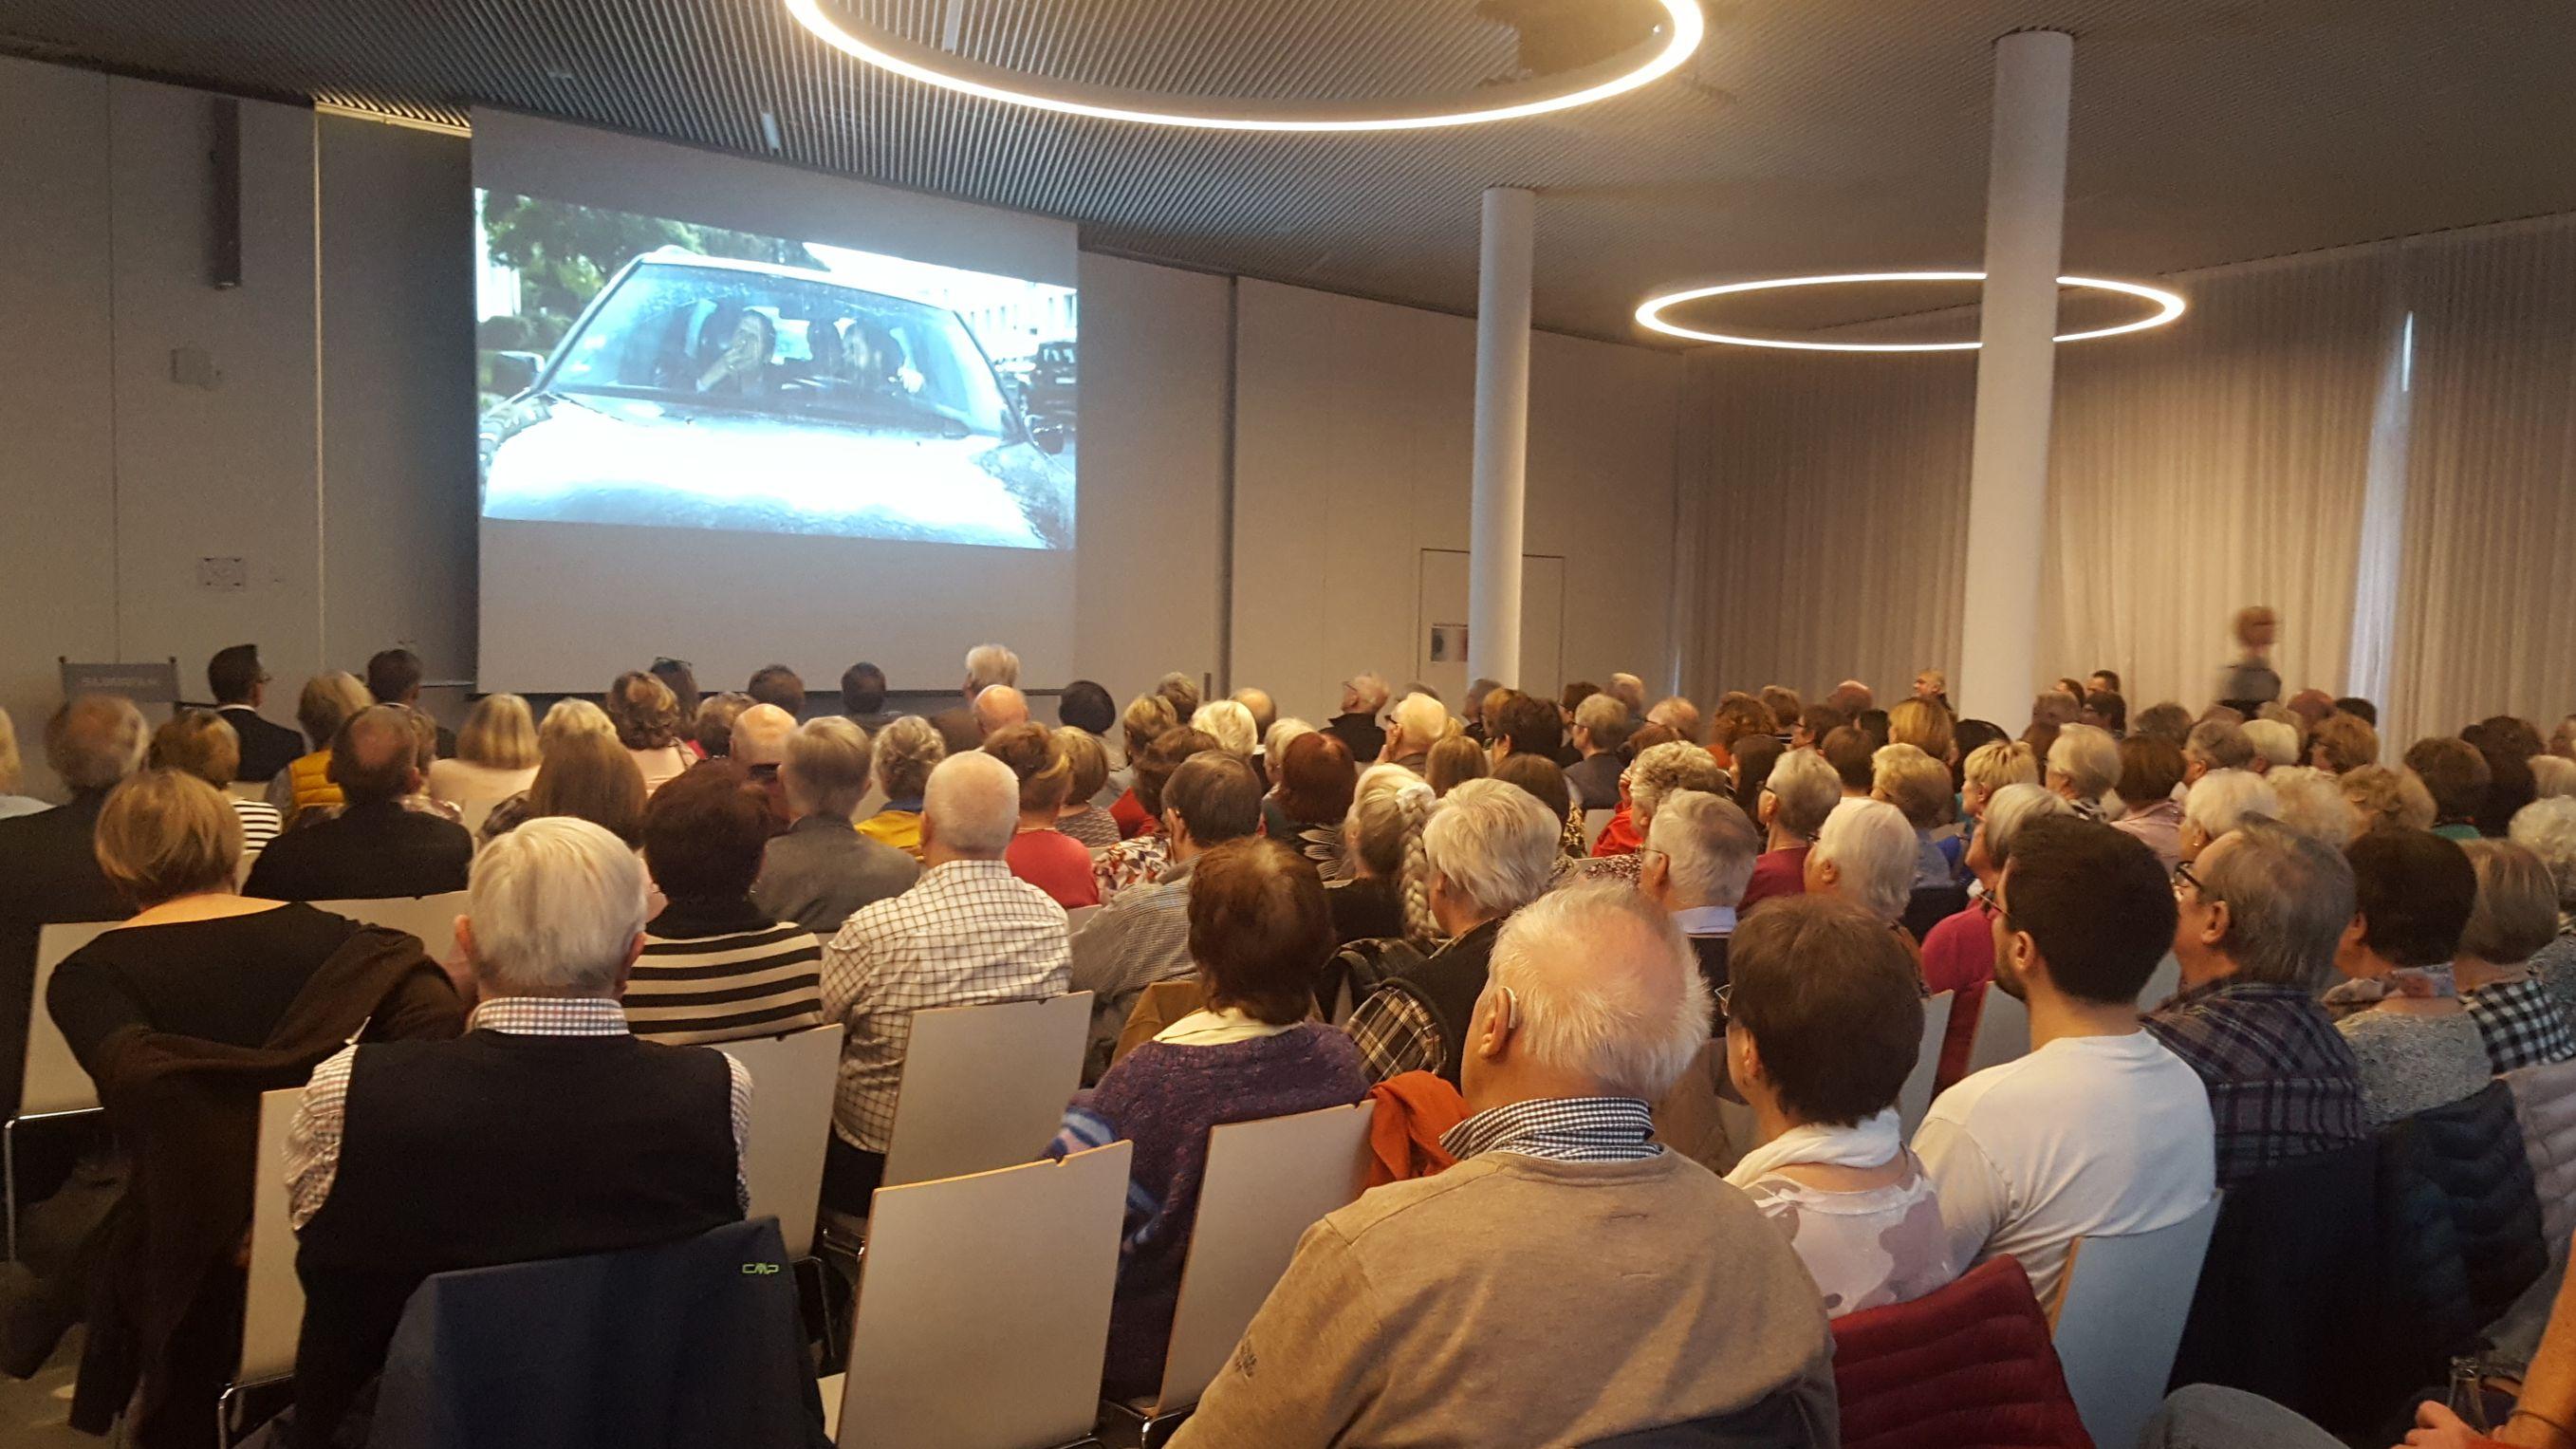 Senioren schauen mit ihren Angehörigen einen Film auf einer Leinwand.